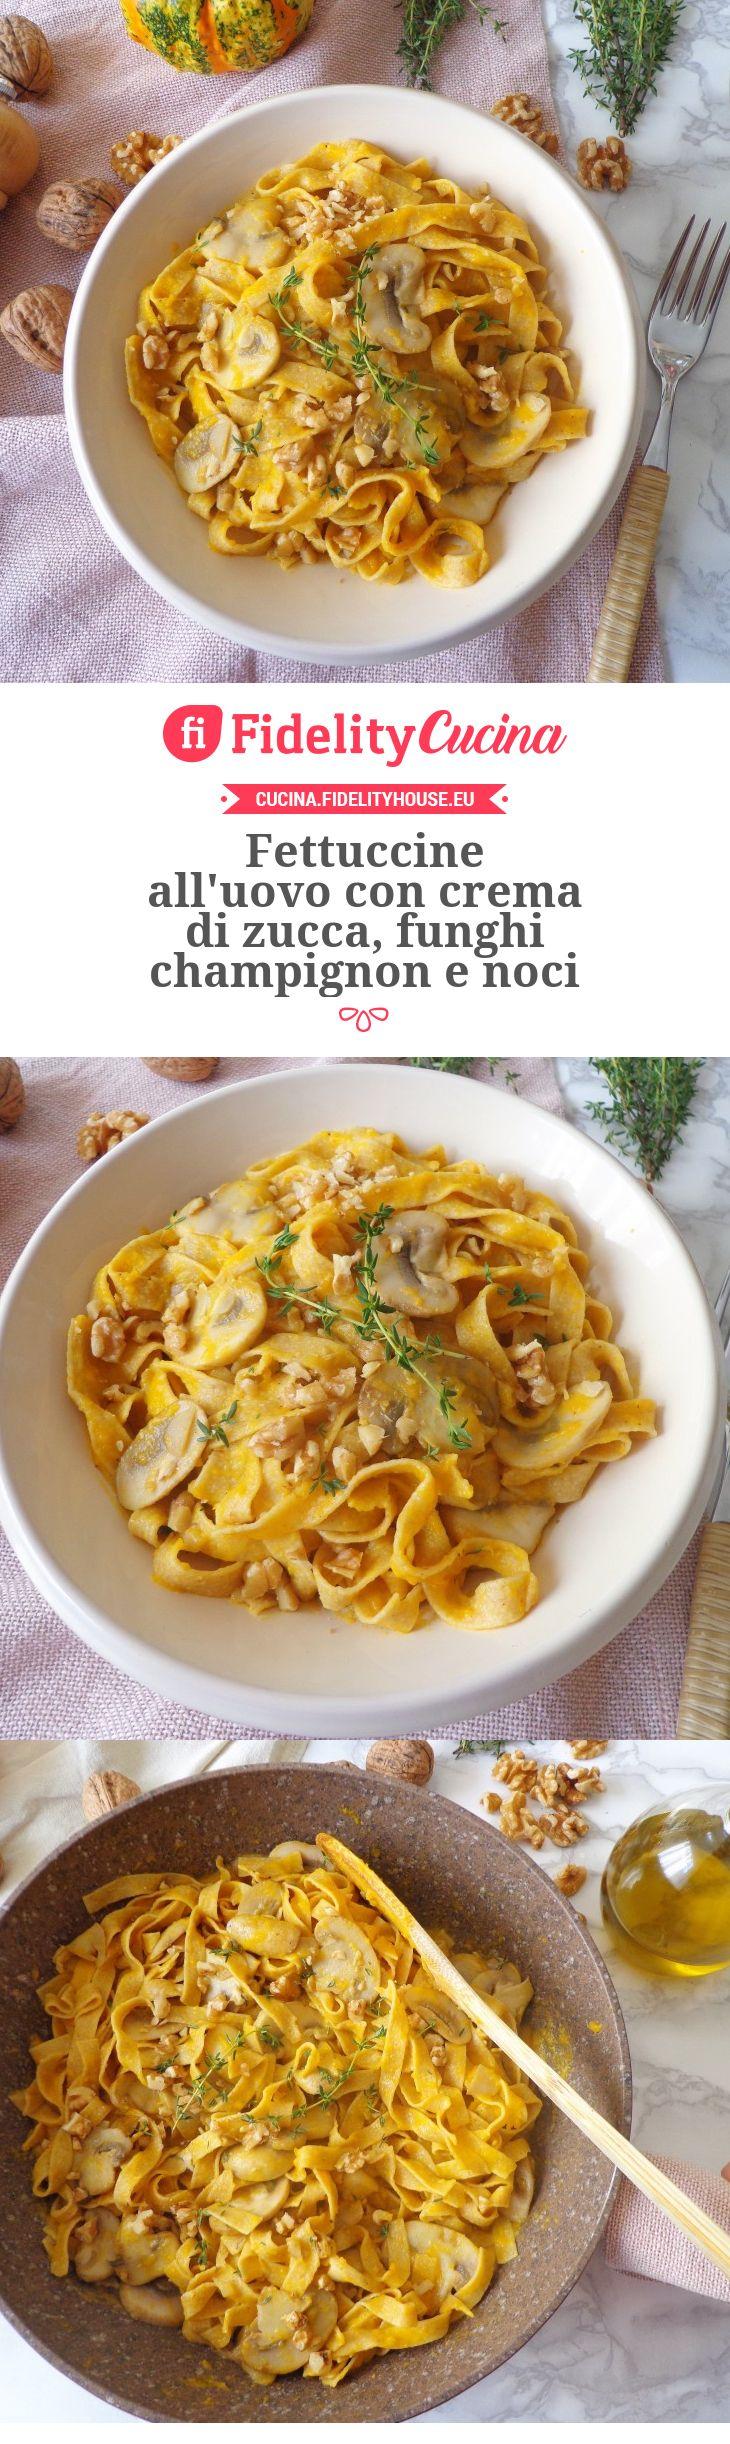 Fettuccine all'uovo con crema di zucca, funghi champignon e noci